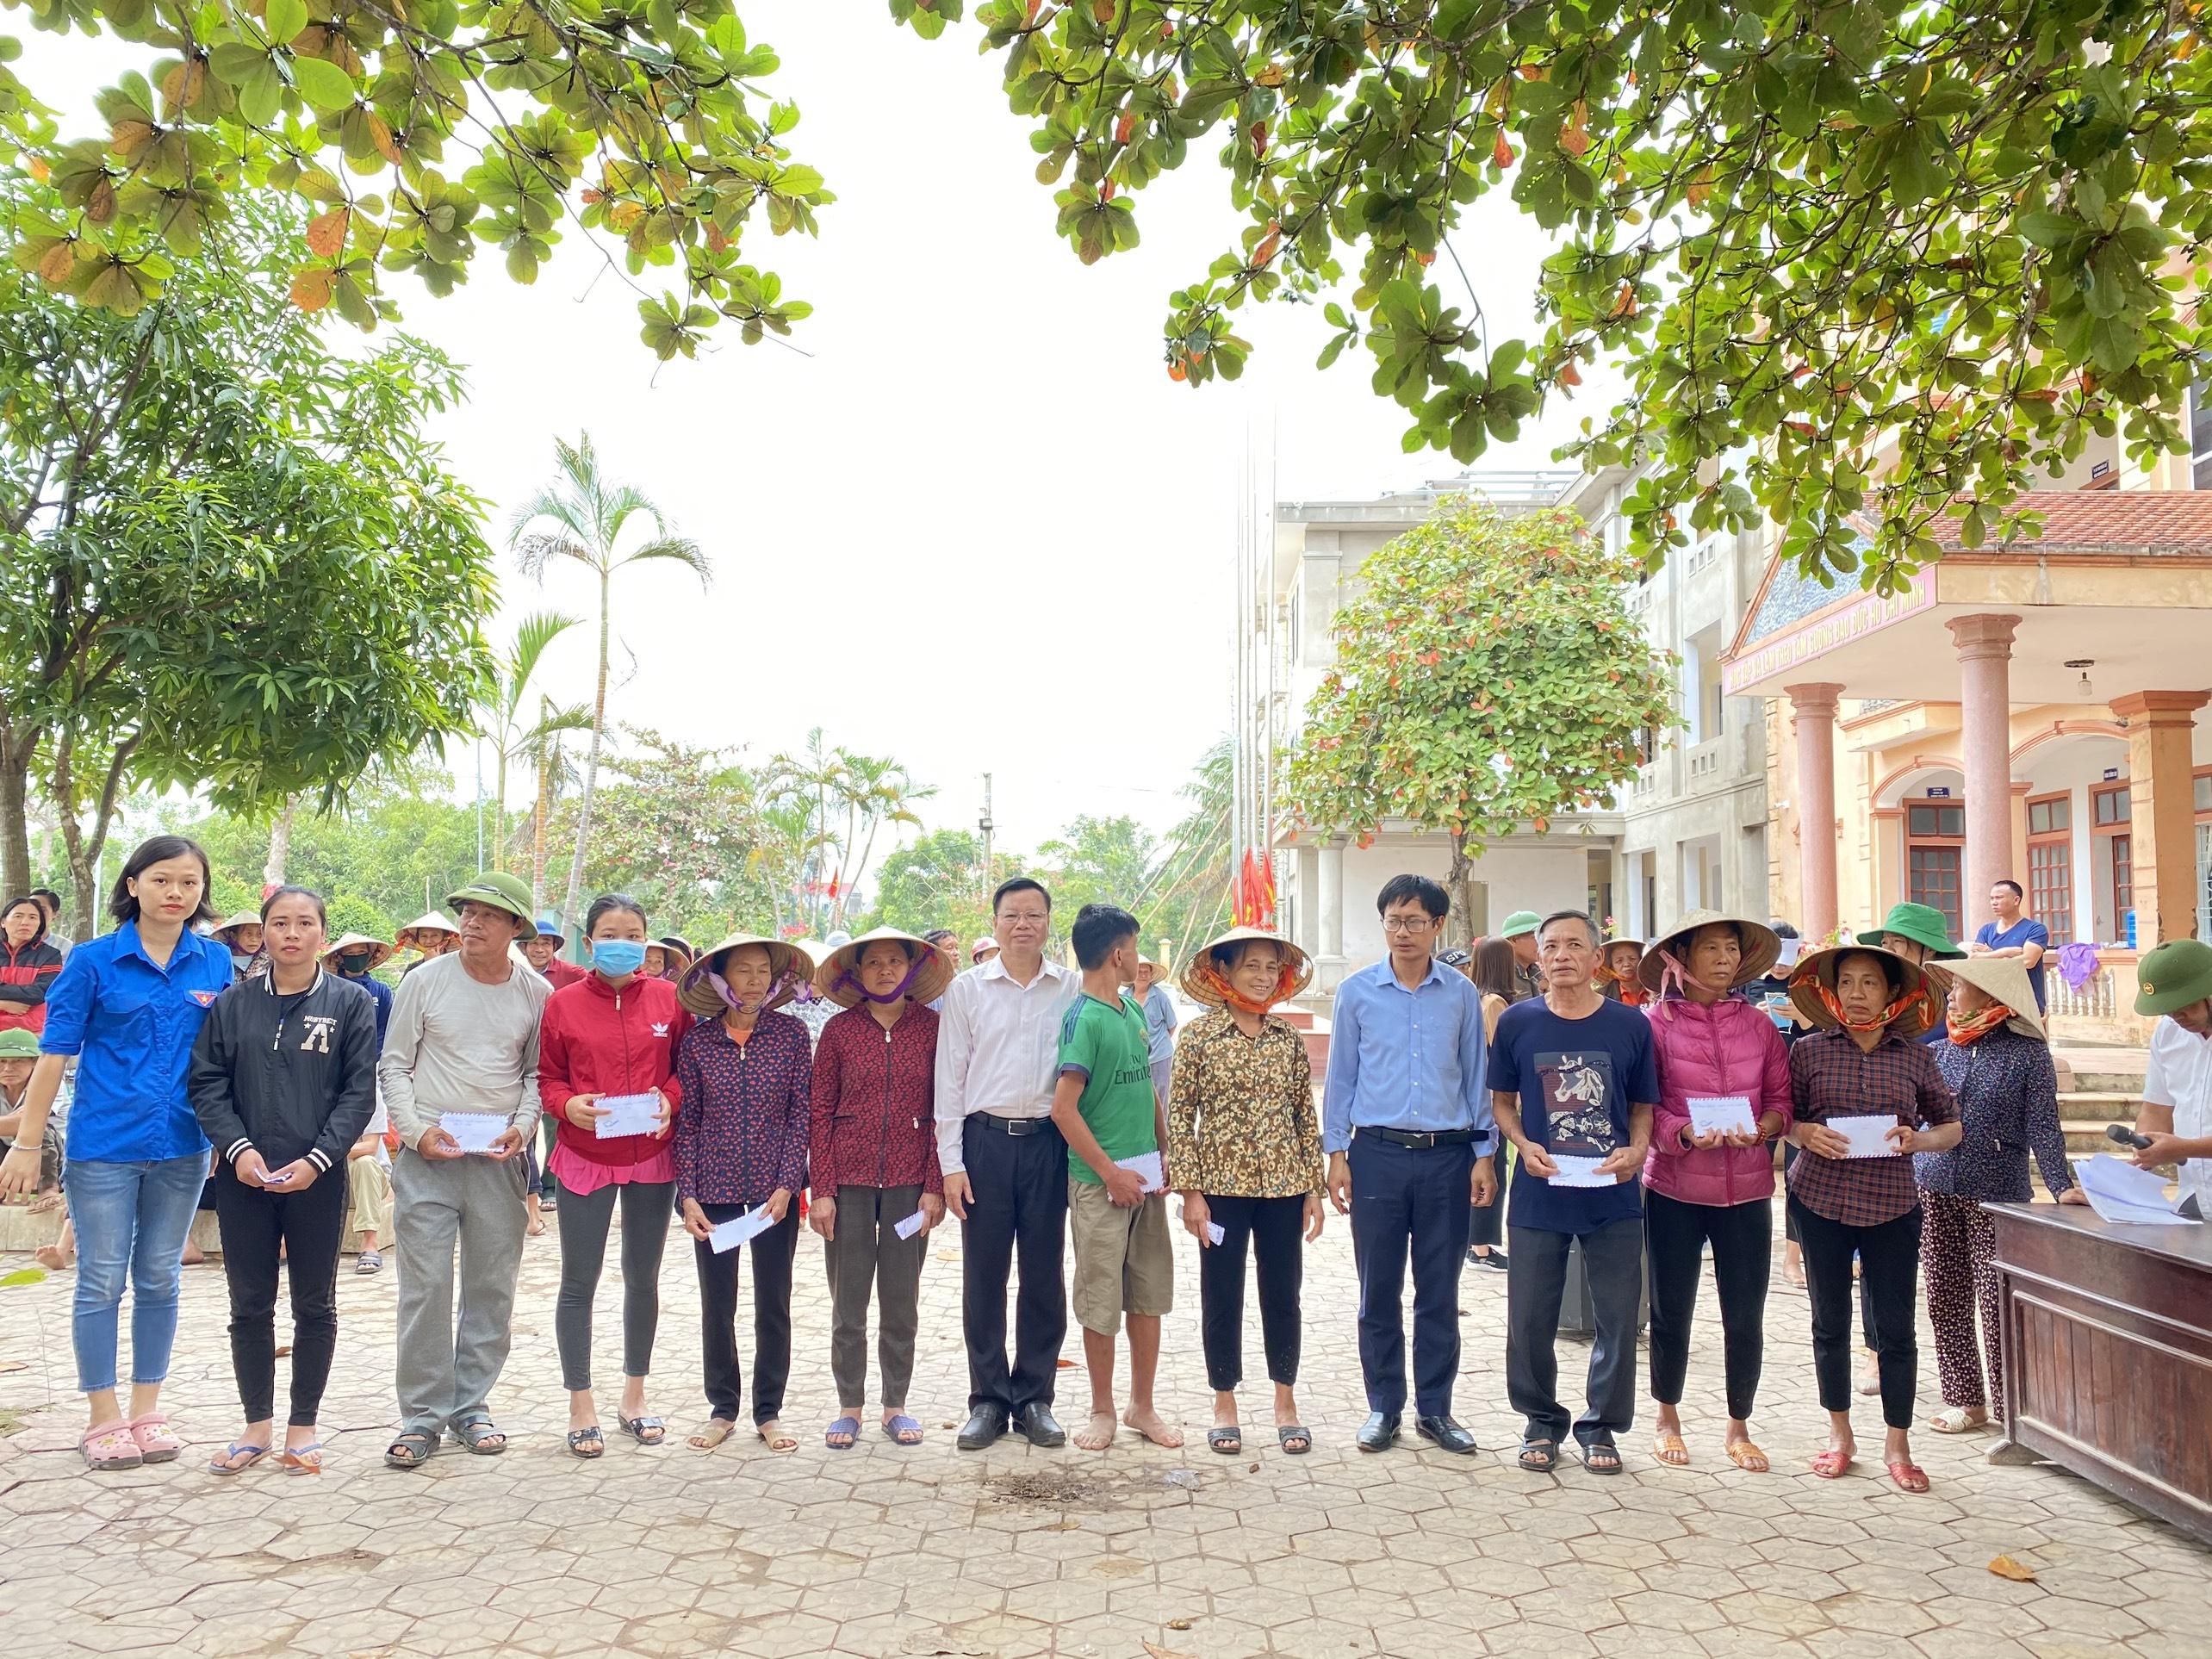 Sở Công Thương tỉnh Hà Giang trao quà ủng hộ cho người dân vũng lũ lụt Hà Tĩnh